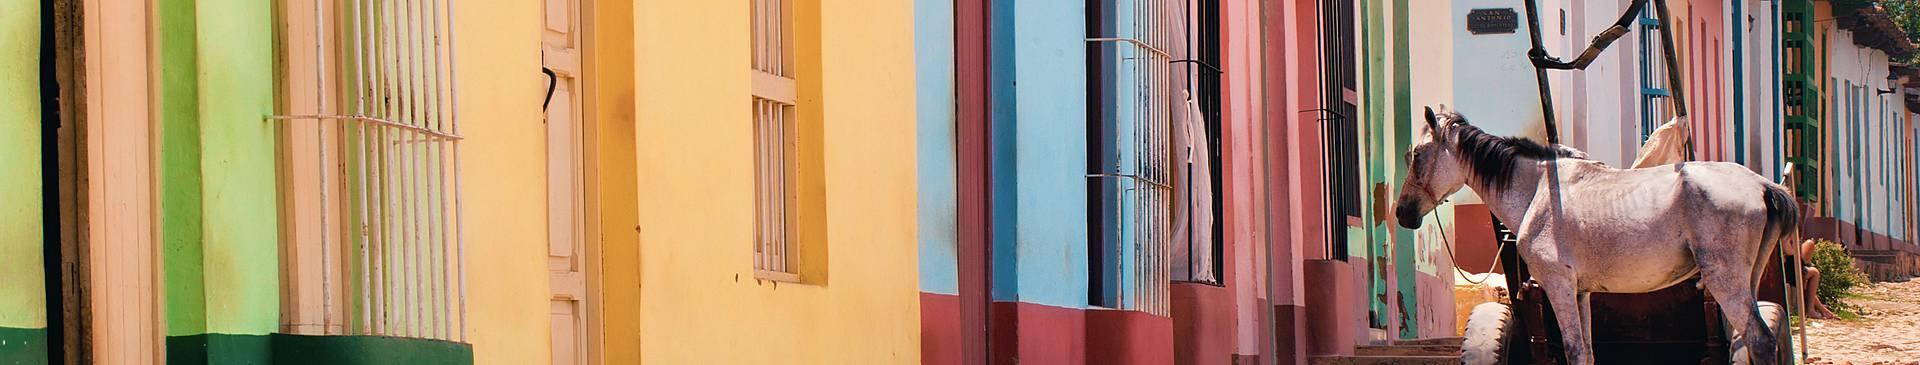 Cities in Cuba